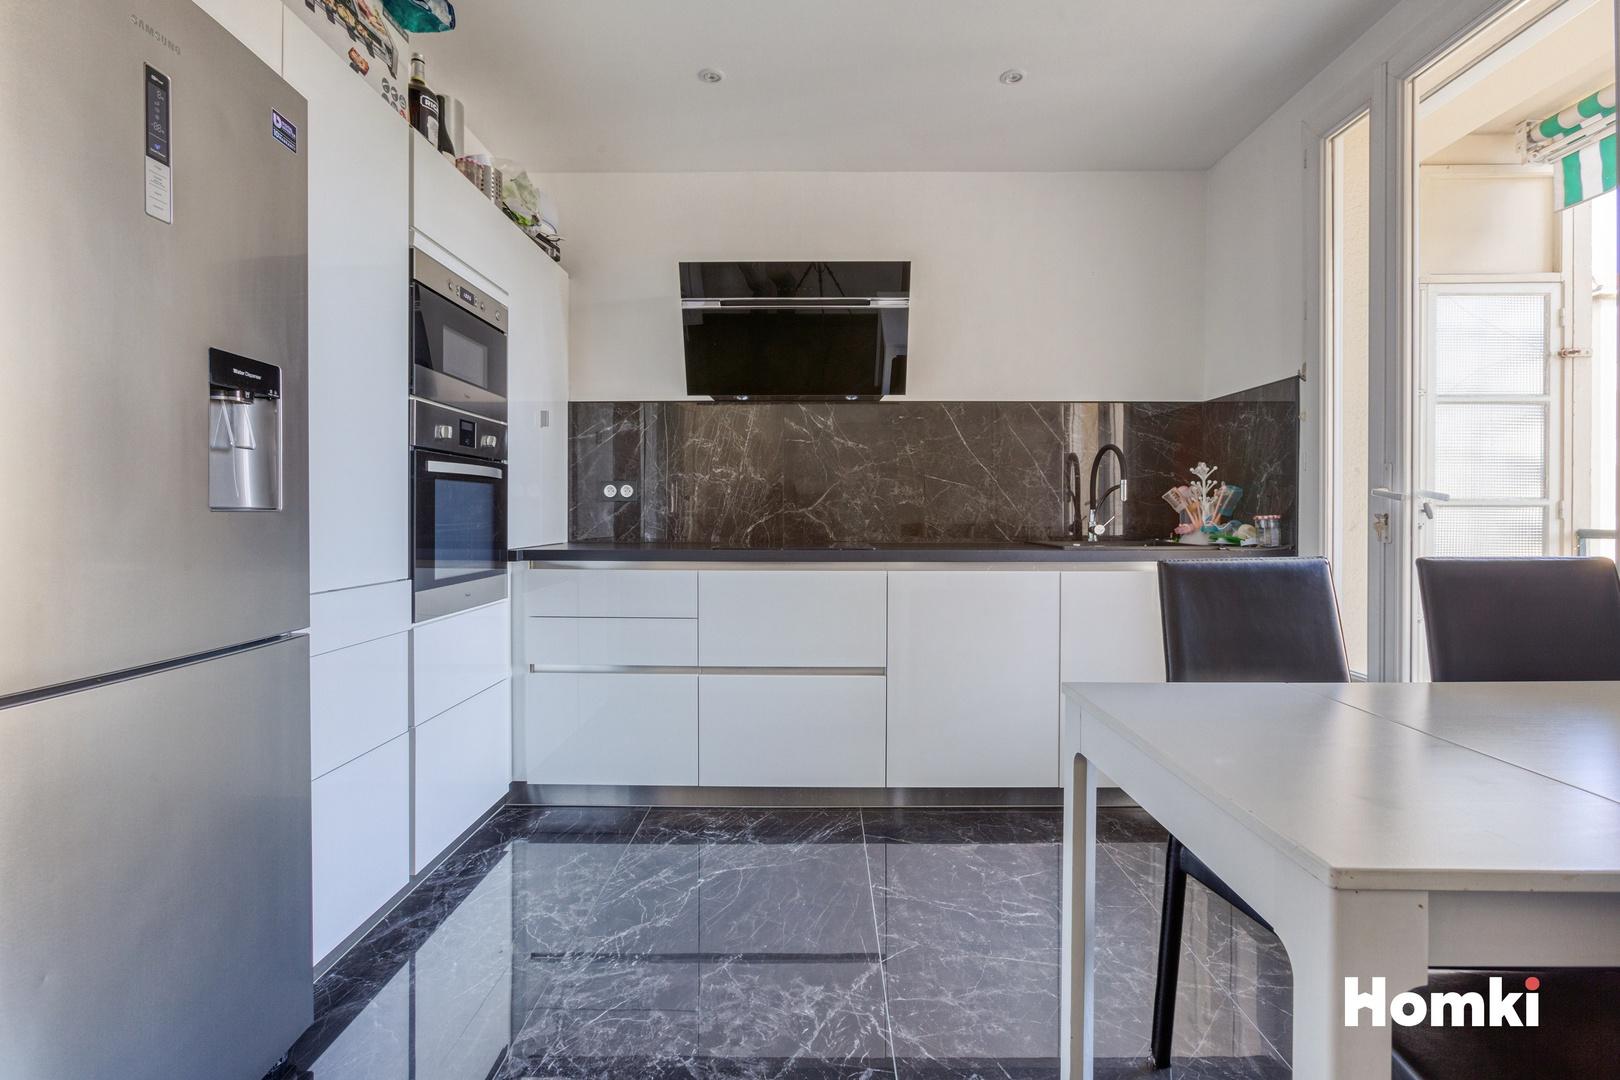 Homki - Vente Appartement  de 89.0 m² à Marseille 13009